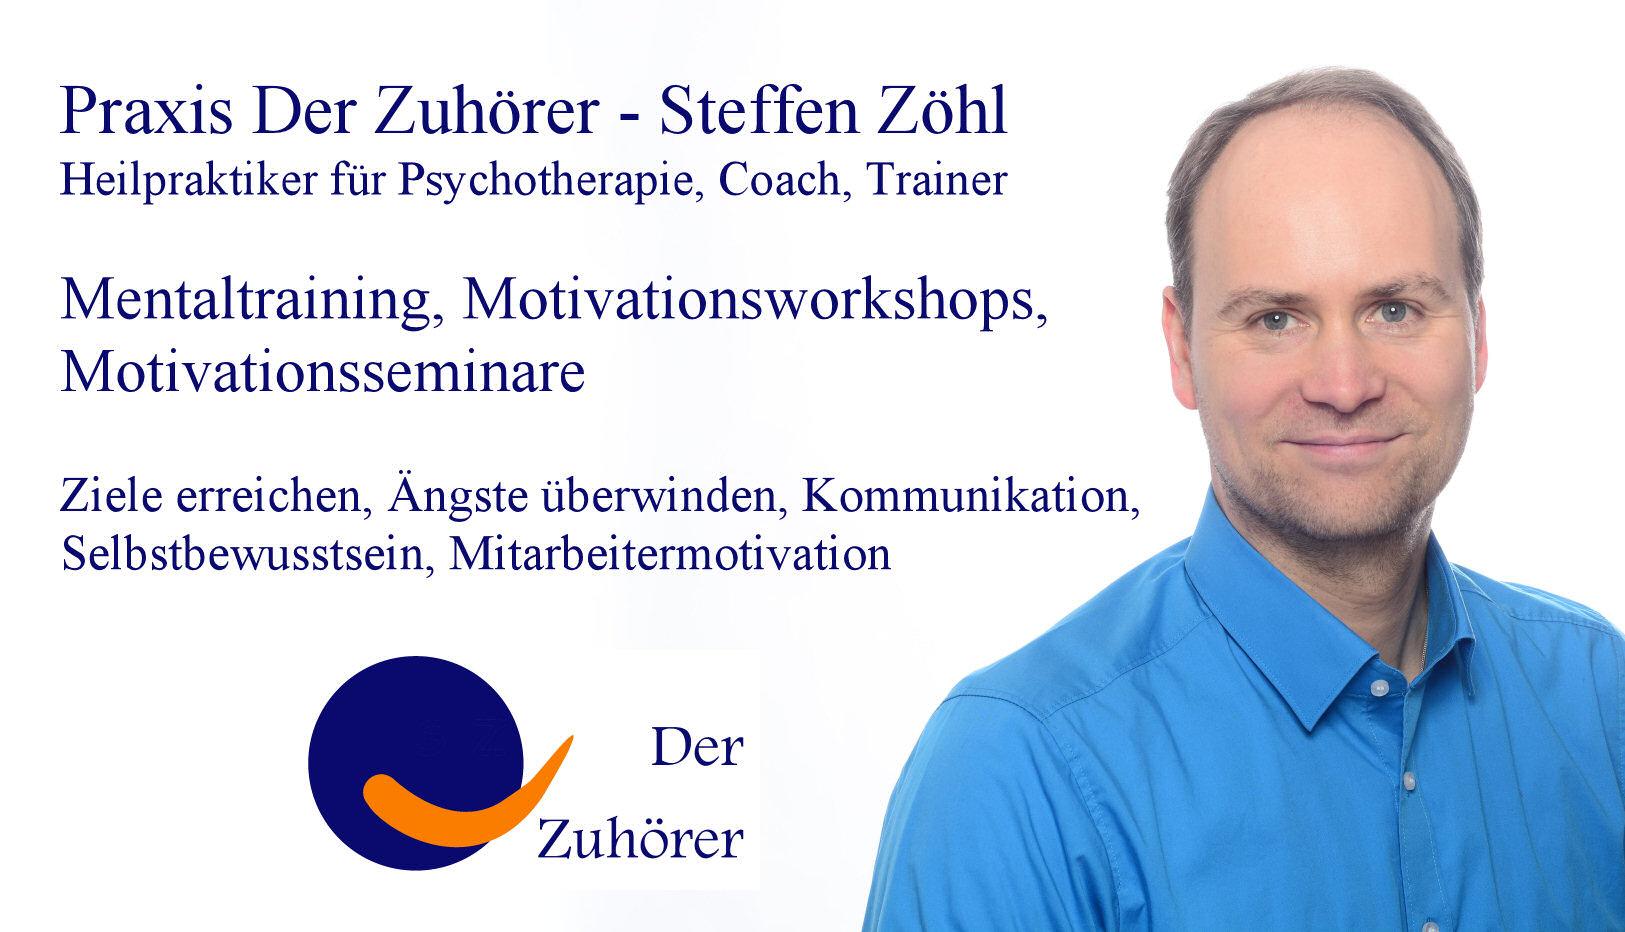 Motivation Erfolg Persönlichkeitsentwicklung Selbstvertrauen Mentaltraining Mitarbeitermotivation Seminare Kommunikationstraining Motivationstrainer Workshop Selbstmotivation mentale Stärke Motivationscoach